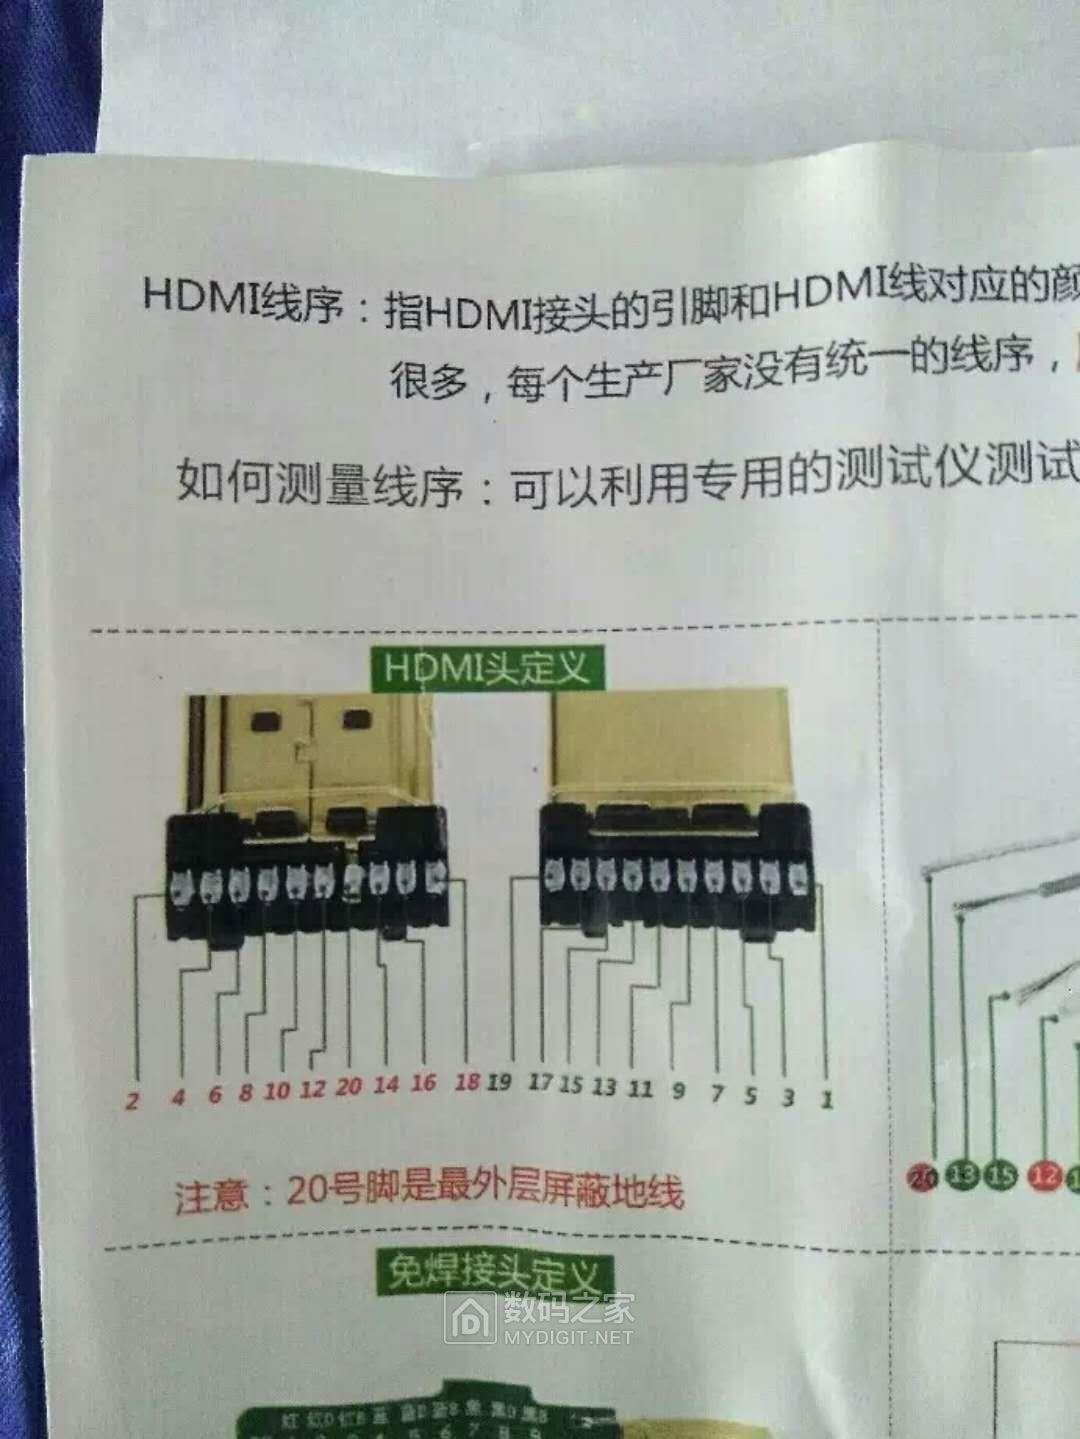 全网首发!关于小米分体电视主机改通用HDMI输出...